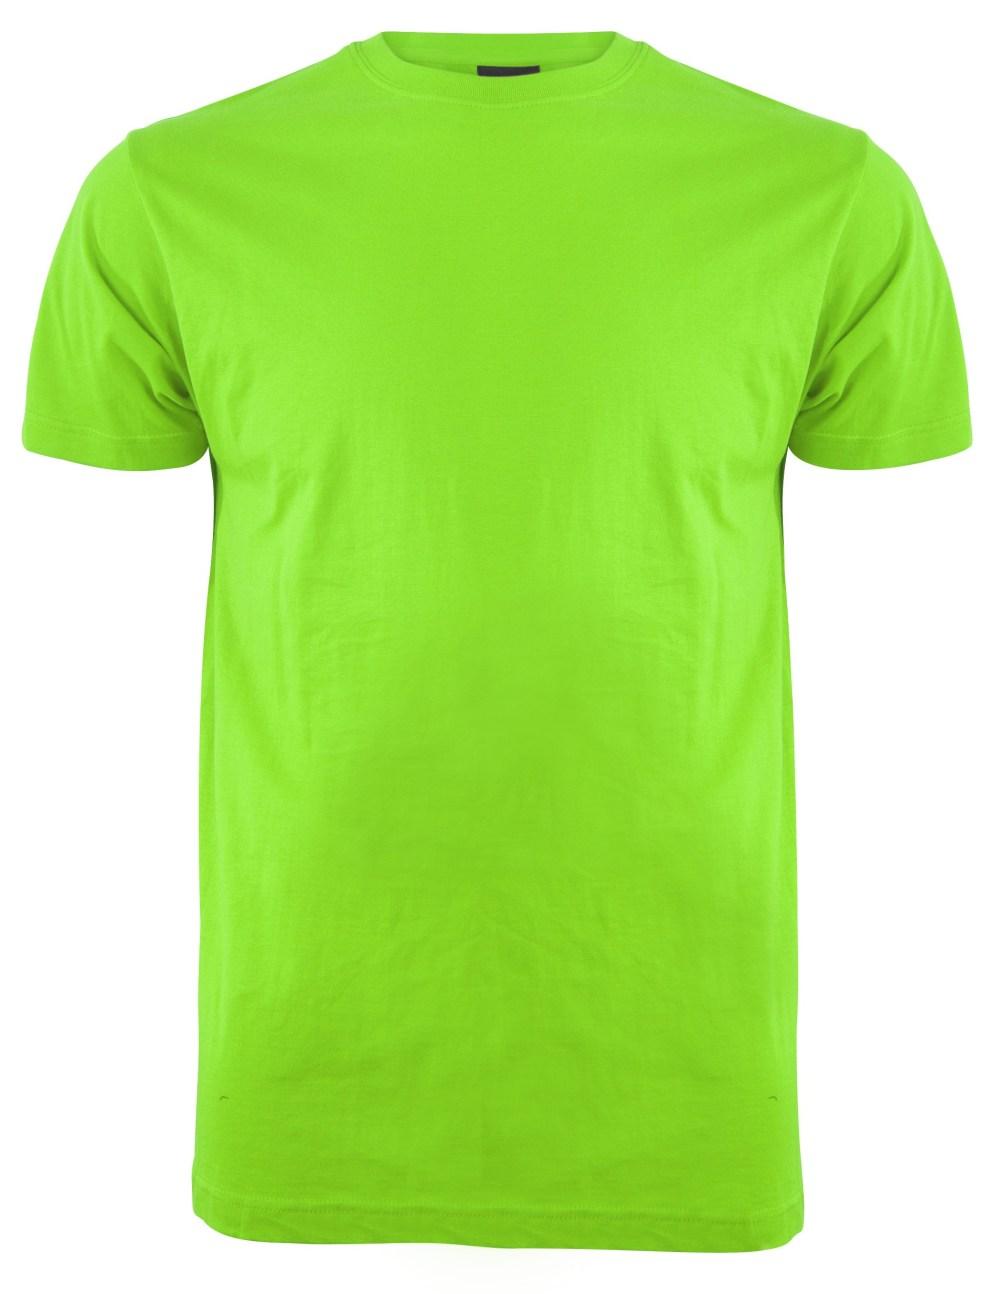 limegrøn